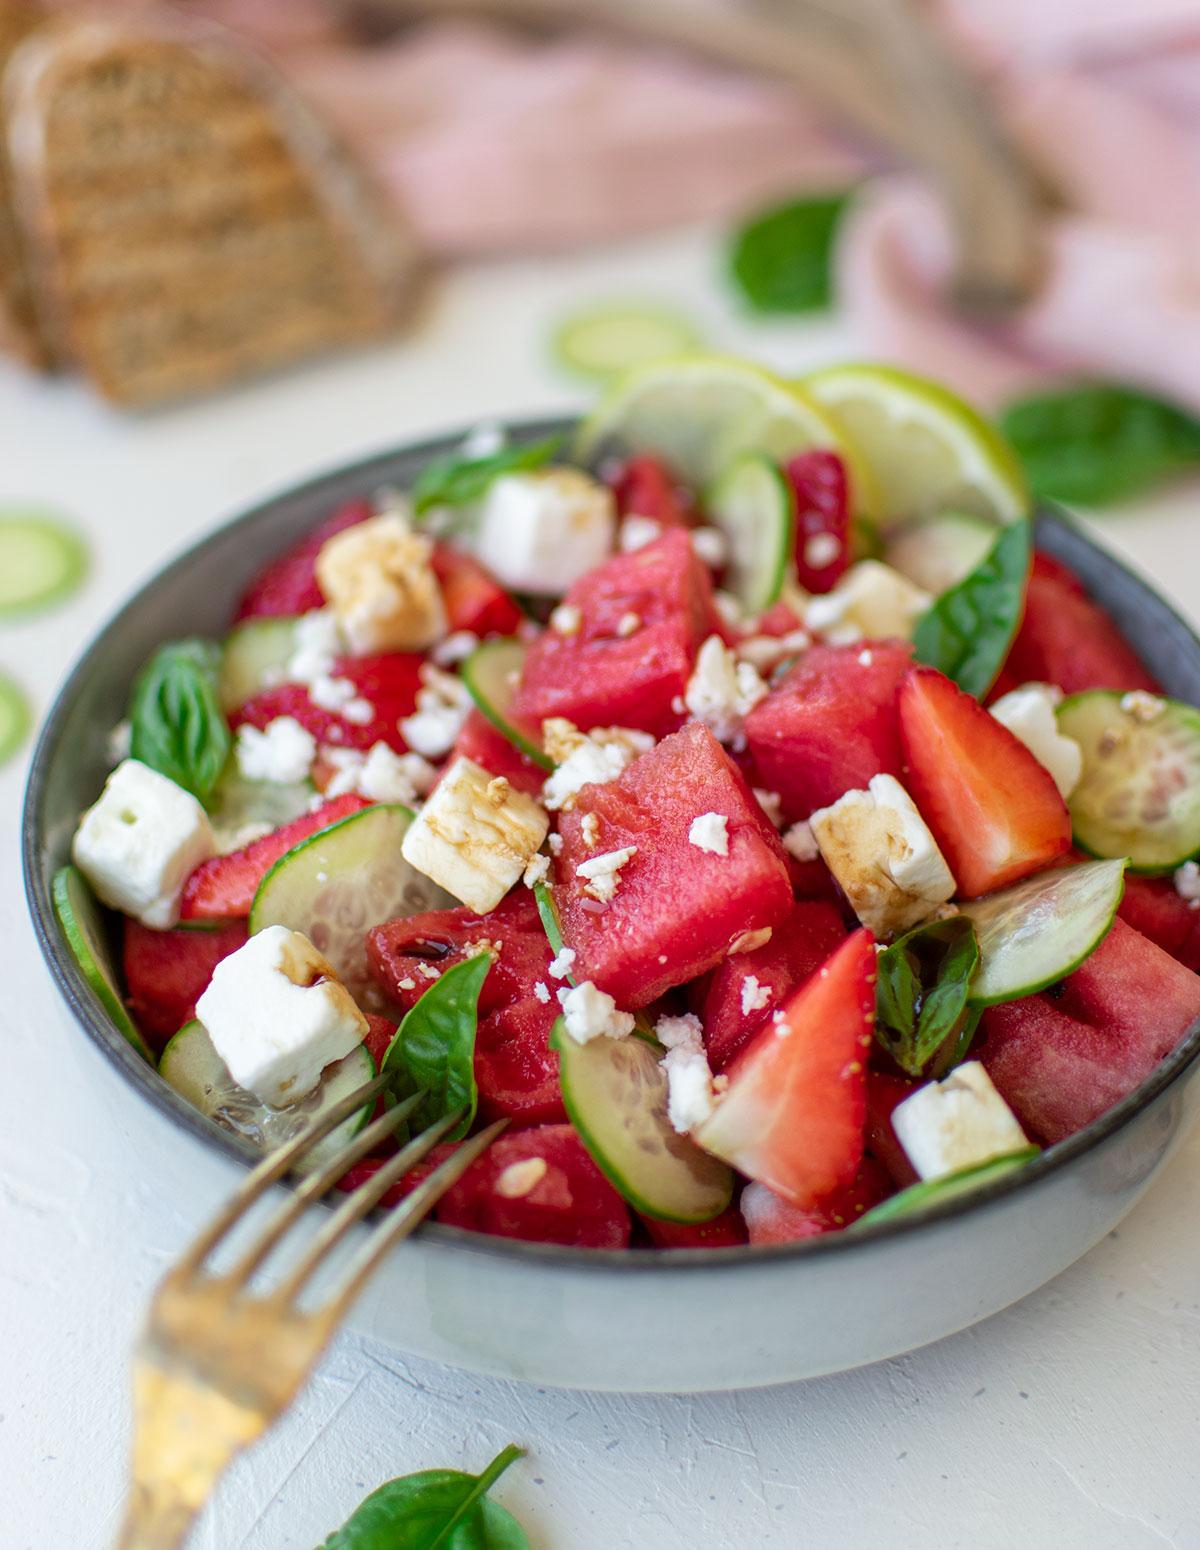 watermelon_feta_salad_ricetta_2